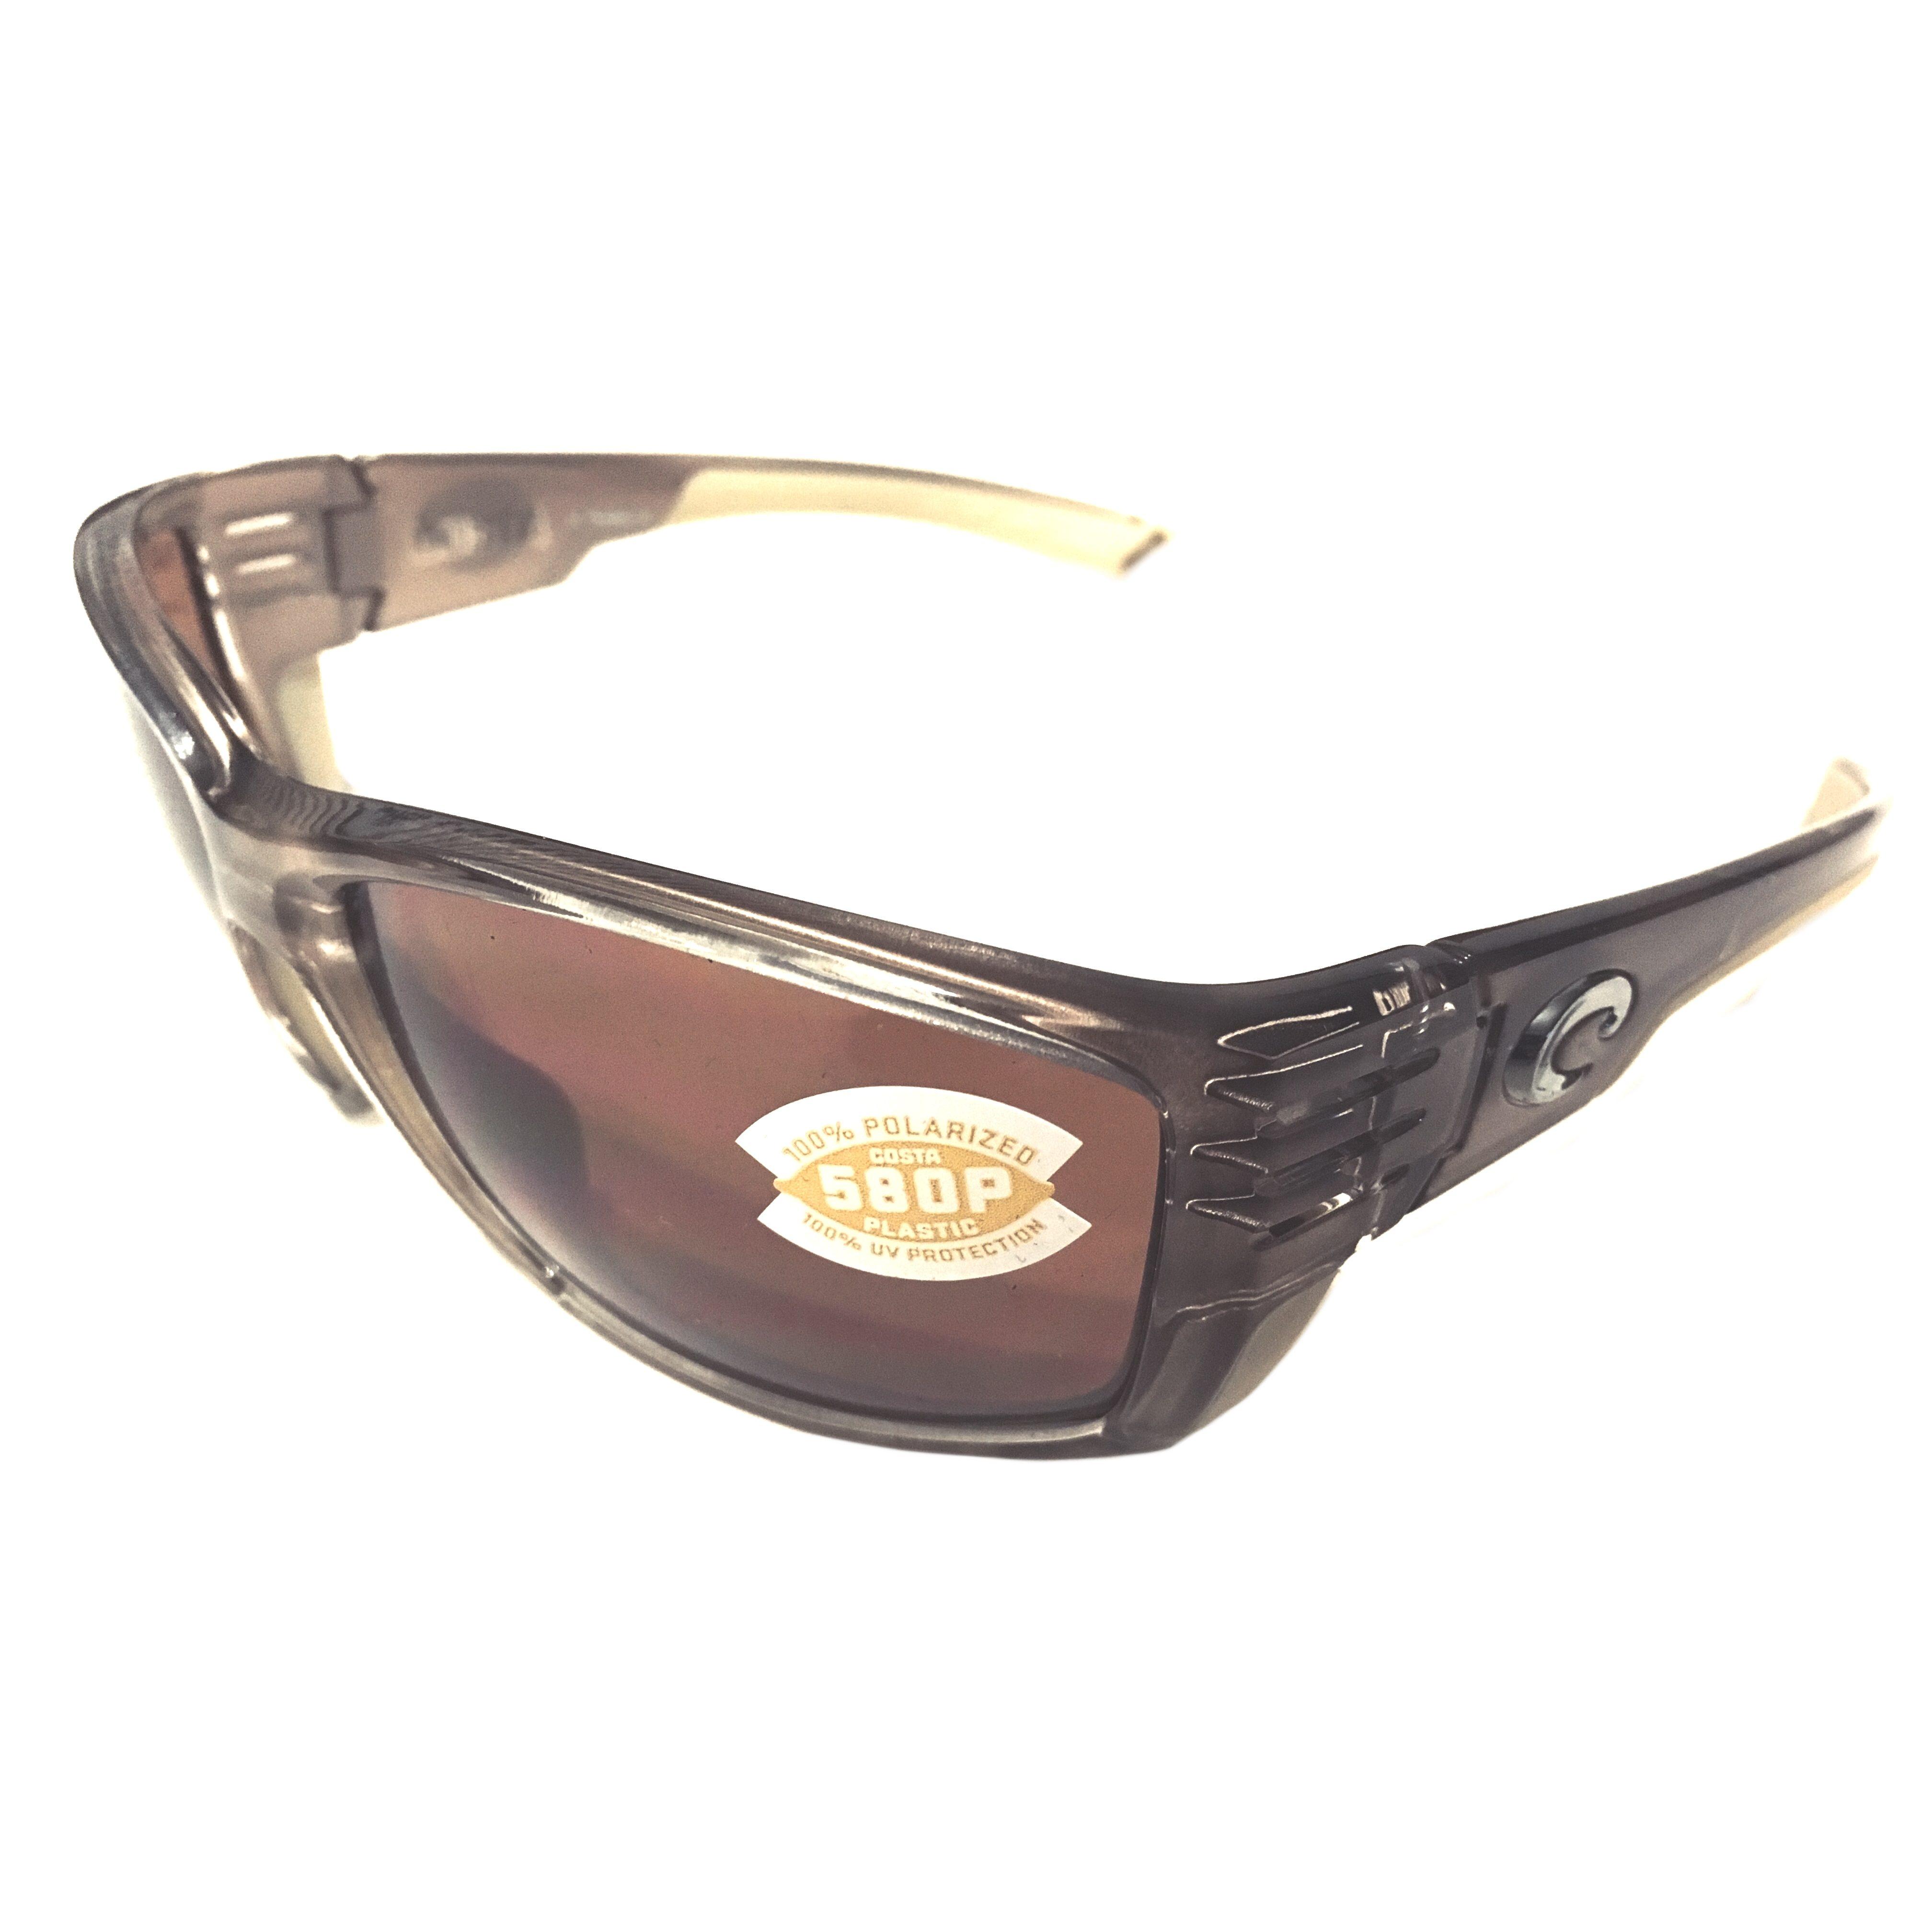 c36b6398529 Costa Del Mar Cortez Sunglasses - Crystal Bronze - POLARIZED Copper 580P